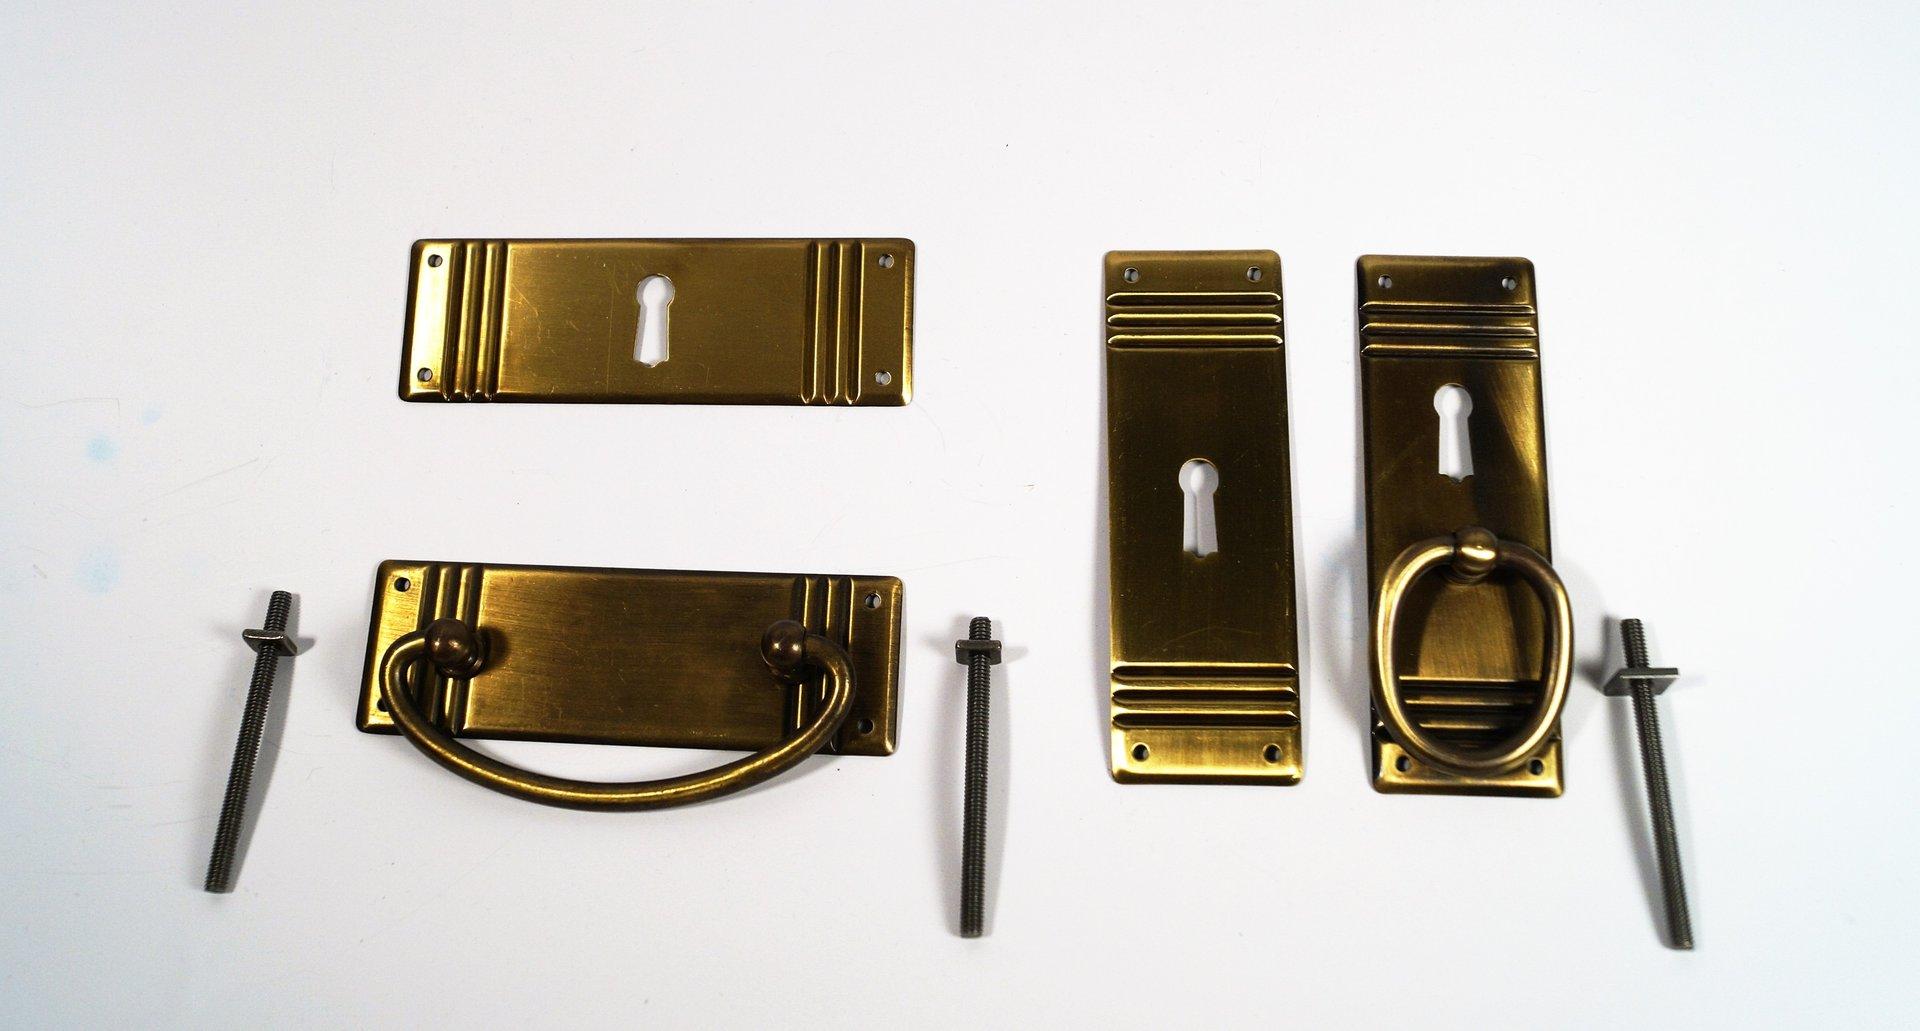 m belgriffe und schl sselschilder in messing antik antikbeschl ge und restaurierungsbedarf. Black Bedroom Furniture Sets. Home Design Ideas